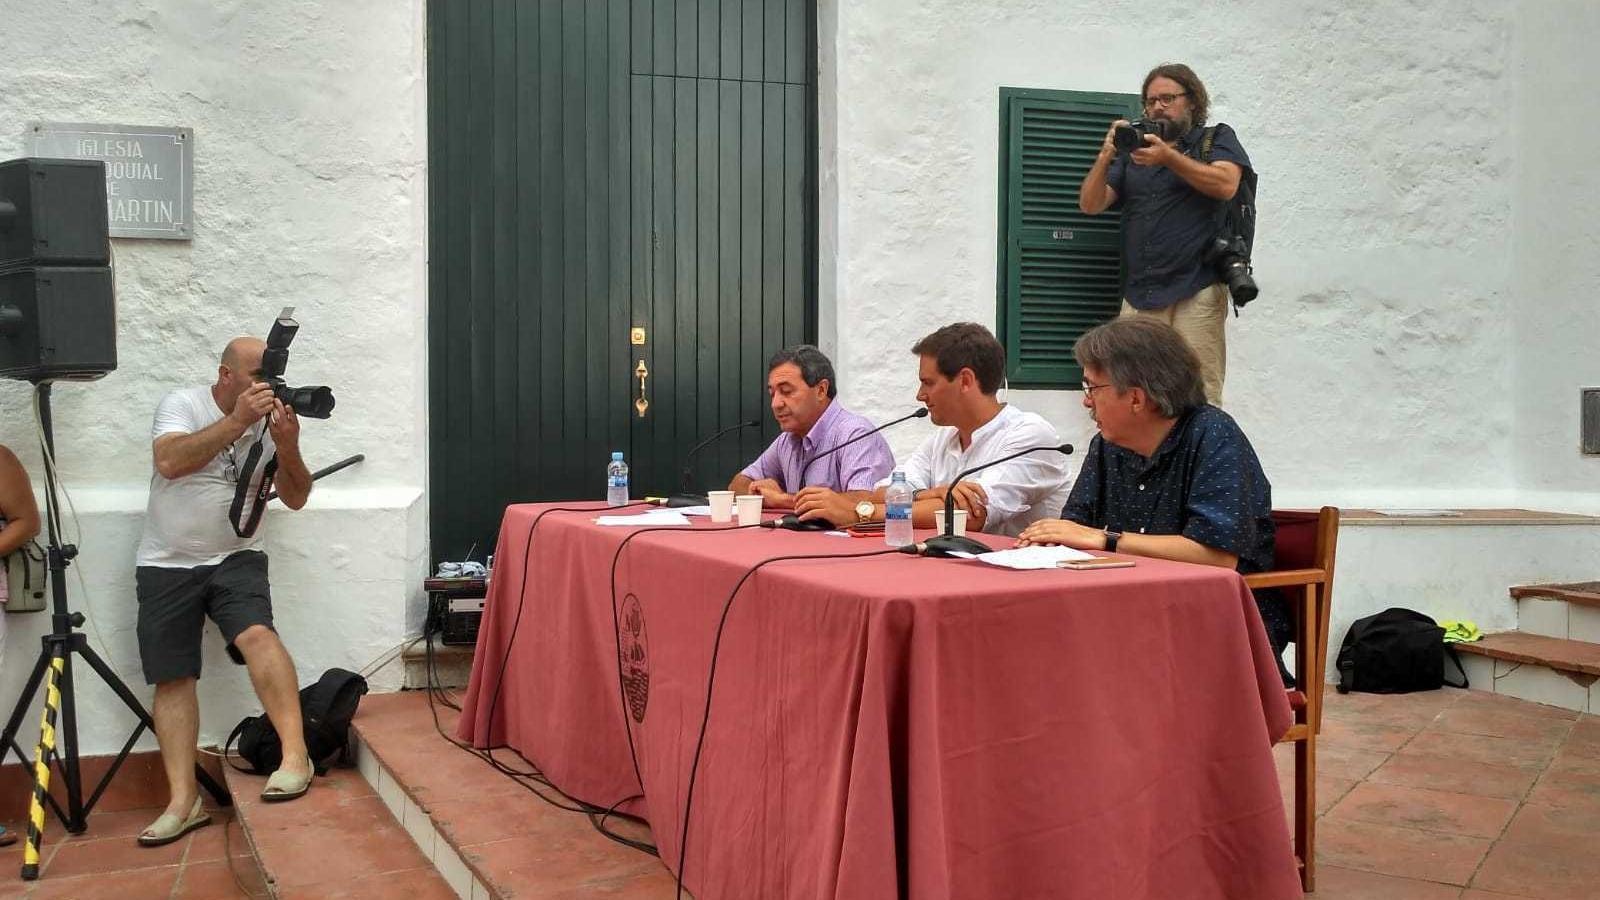 El president de Cs a Balears, Xavier Pericay, el president estatal de Cs, Albert Rivera, i el batle del Mercadal, el socialista Francesc Ametller.